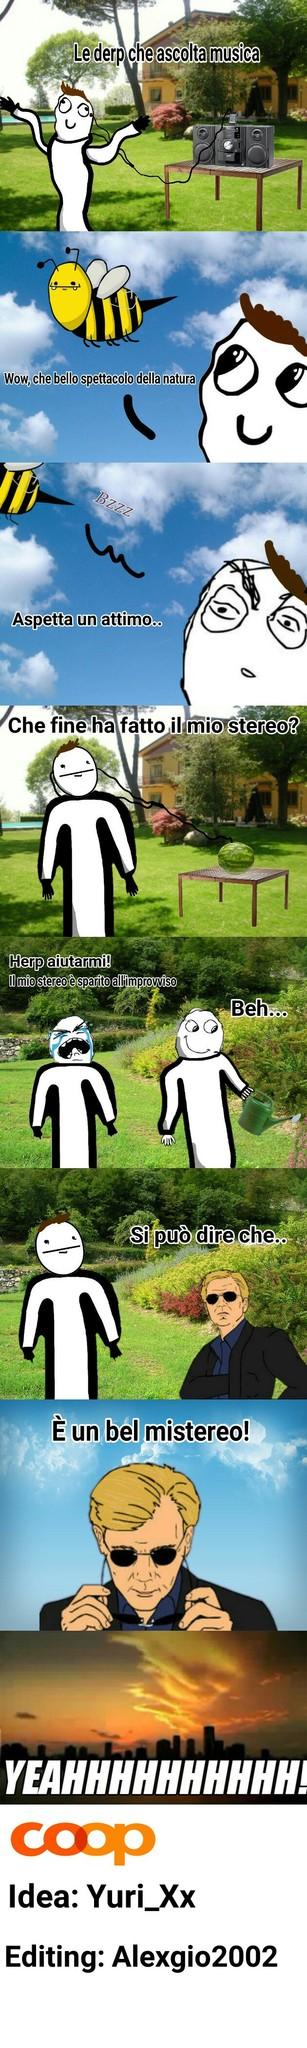 Horatio il giardiniere [C. Tutti quelli che hanno perso uno stereo] - meme